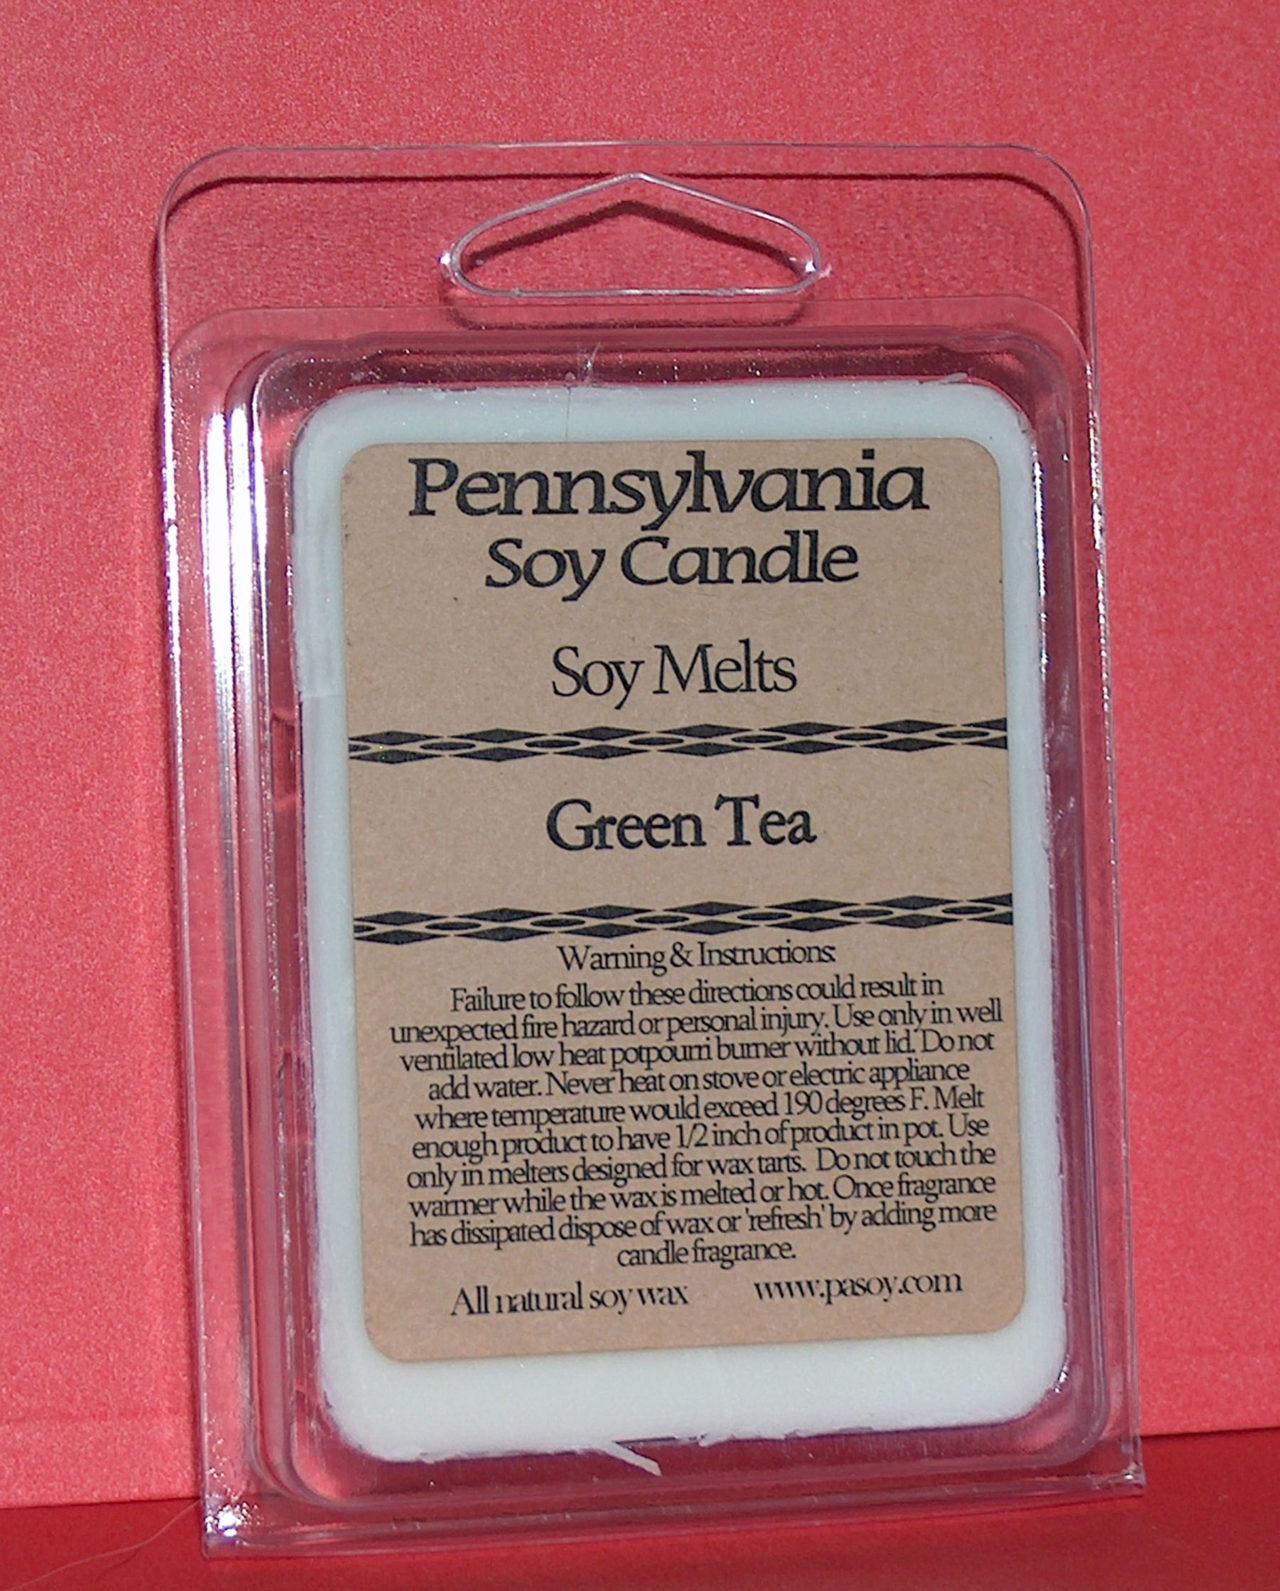 Pennsylvania-Soy-Candle-Soy-Wax-Melt